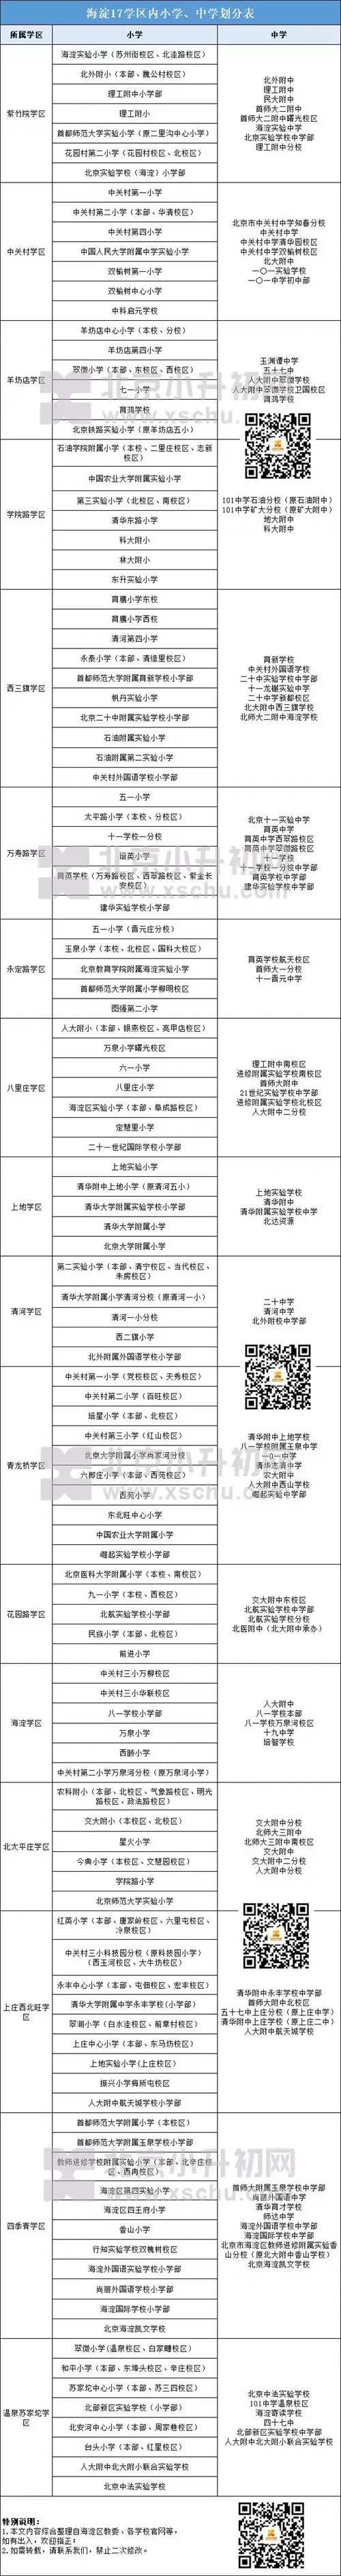 海淀区学区划分 与登记入学、派位入学关系密切_WWW.66152.COM